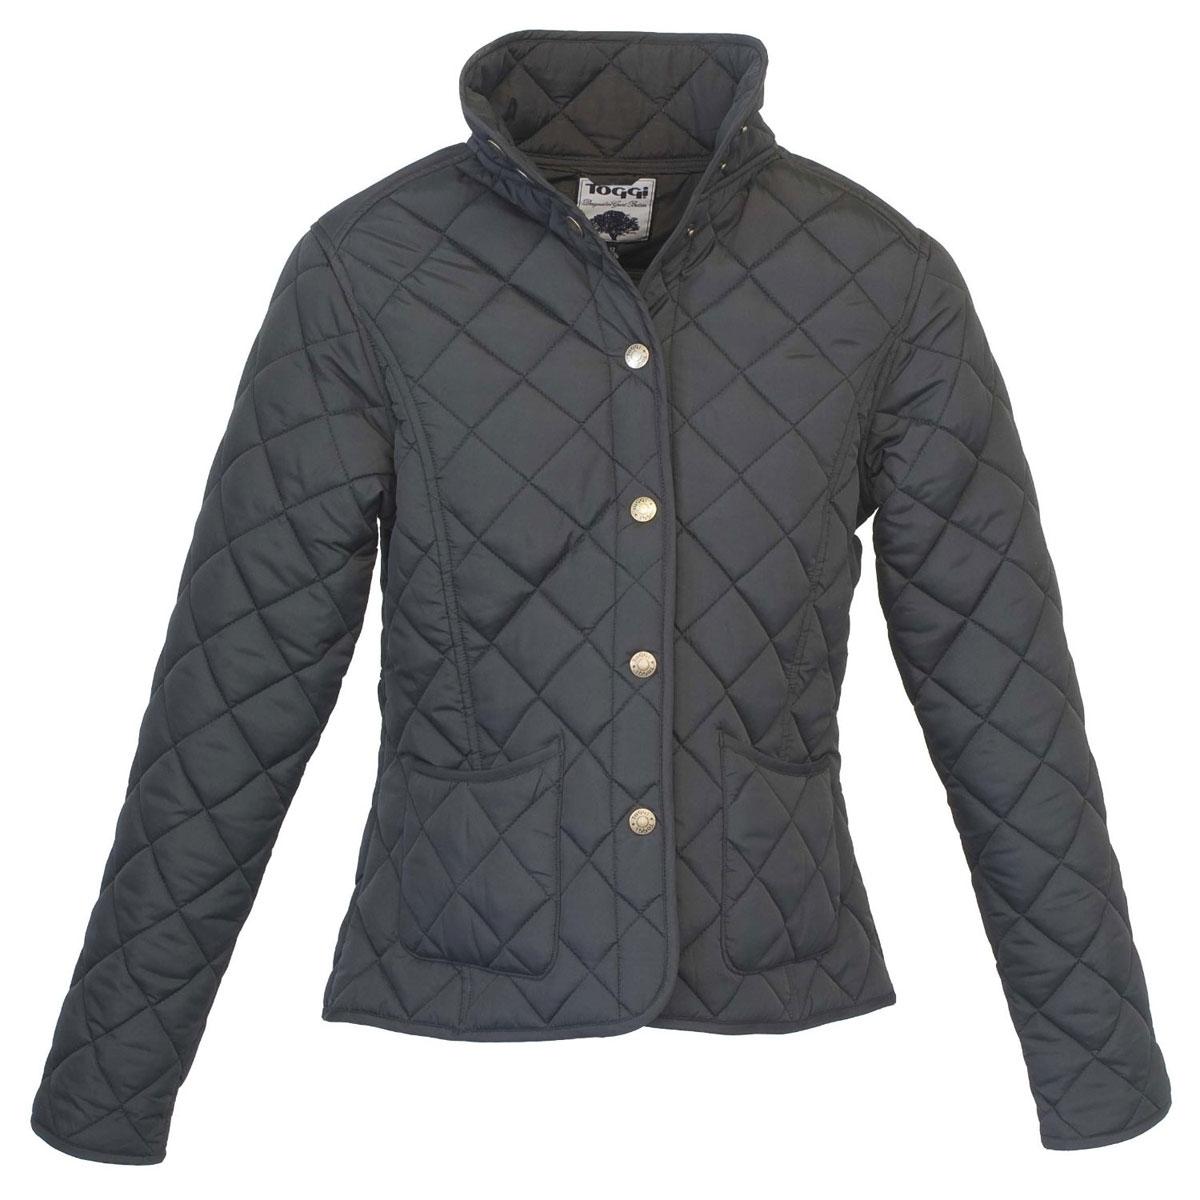 60b5d2b9f63c Toggi Sandown Ladies Diamond Quilted Jacket - Black | Uttings.co.uk